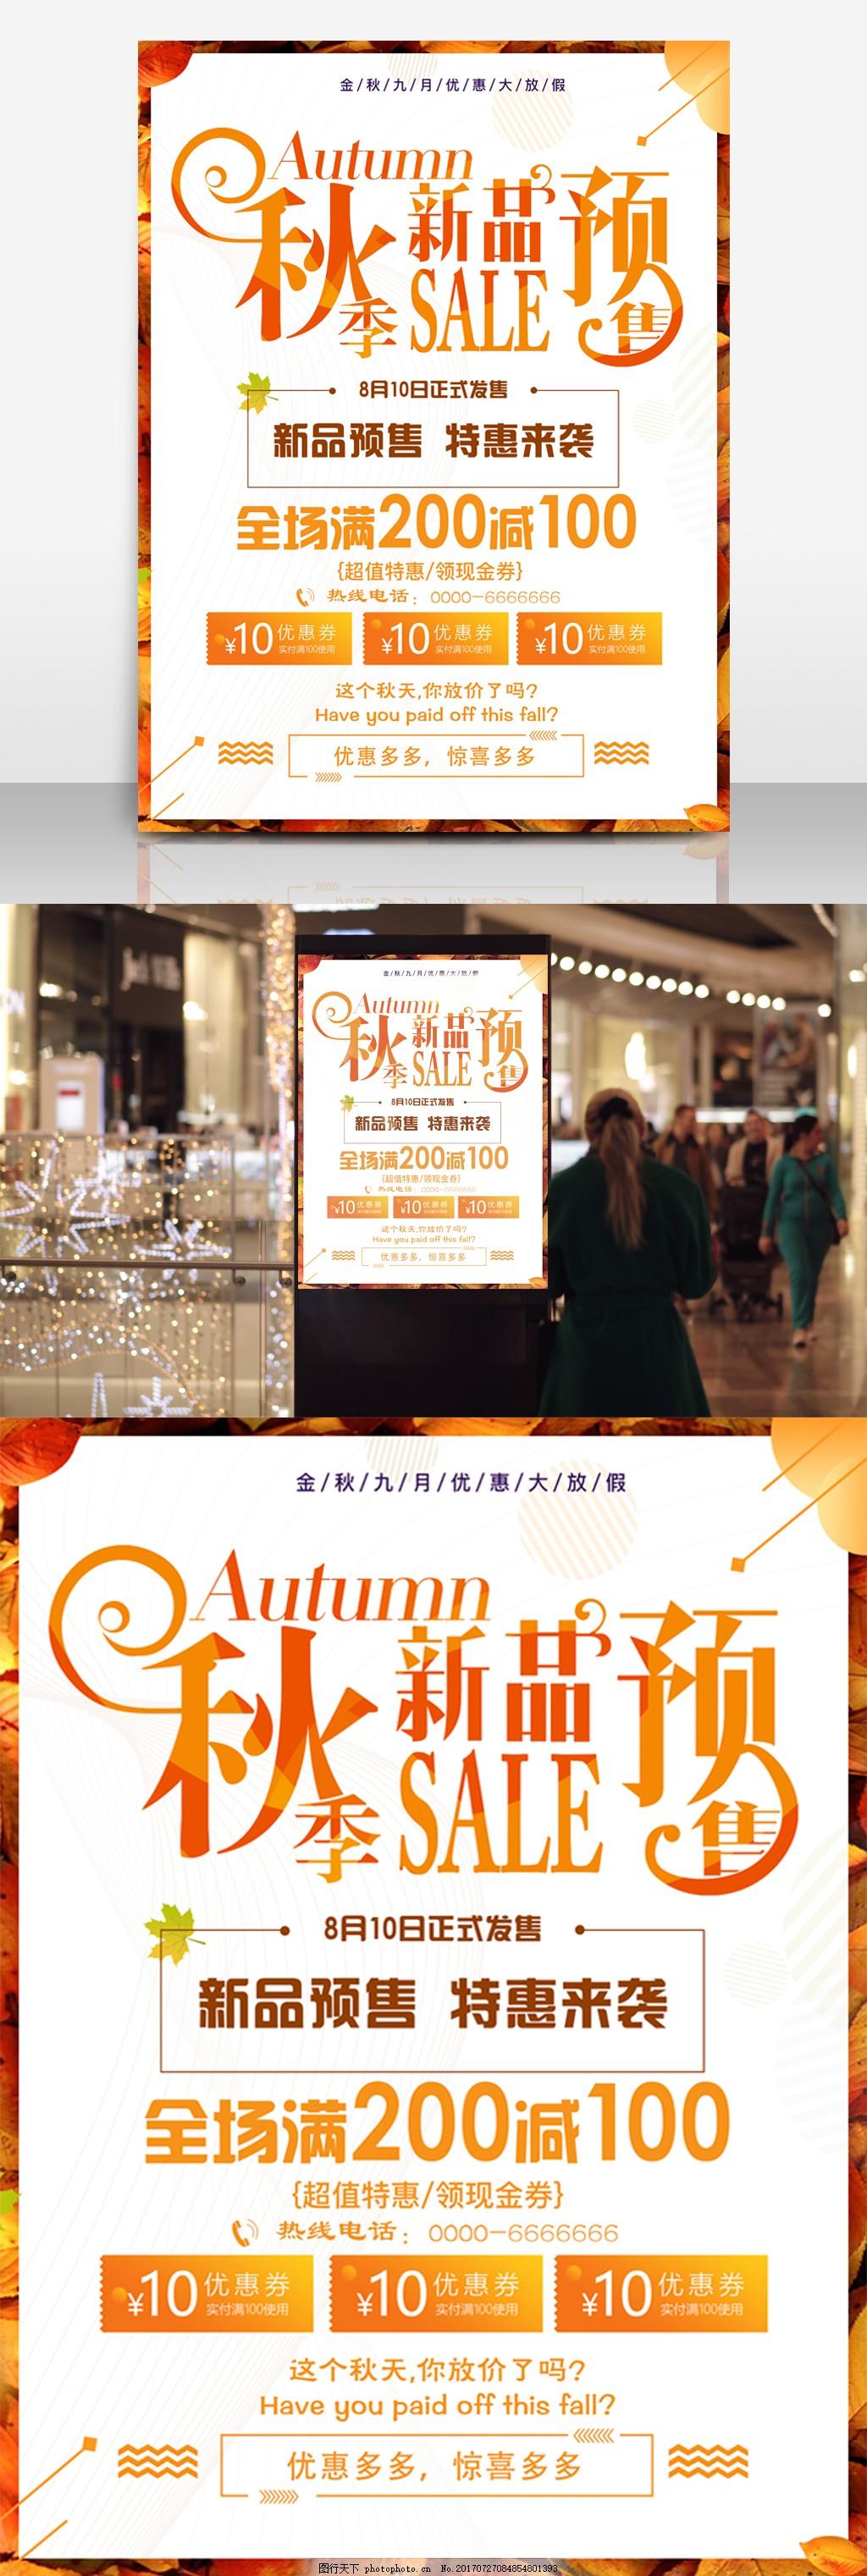 秋季新品预售 秋季促销海报 秋季新品预售海报 预售促销 秋天促销